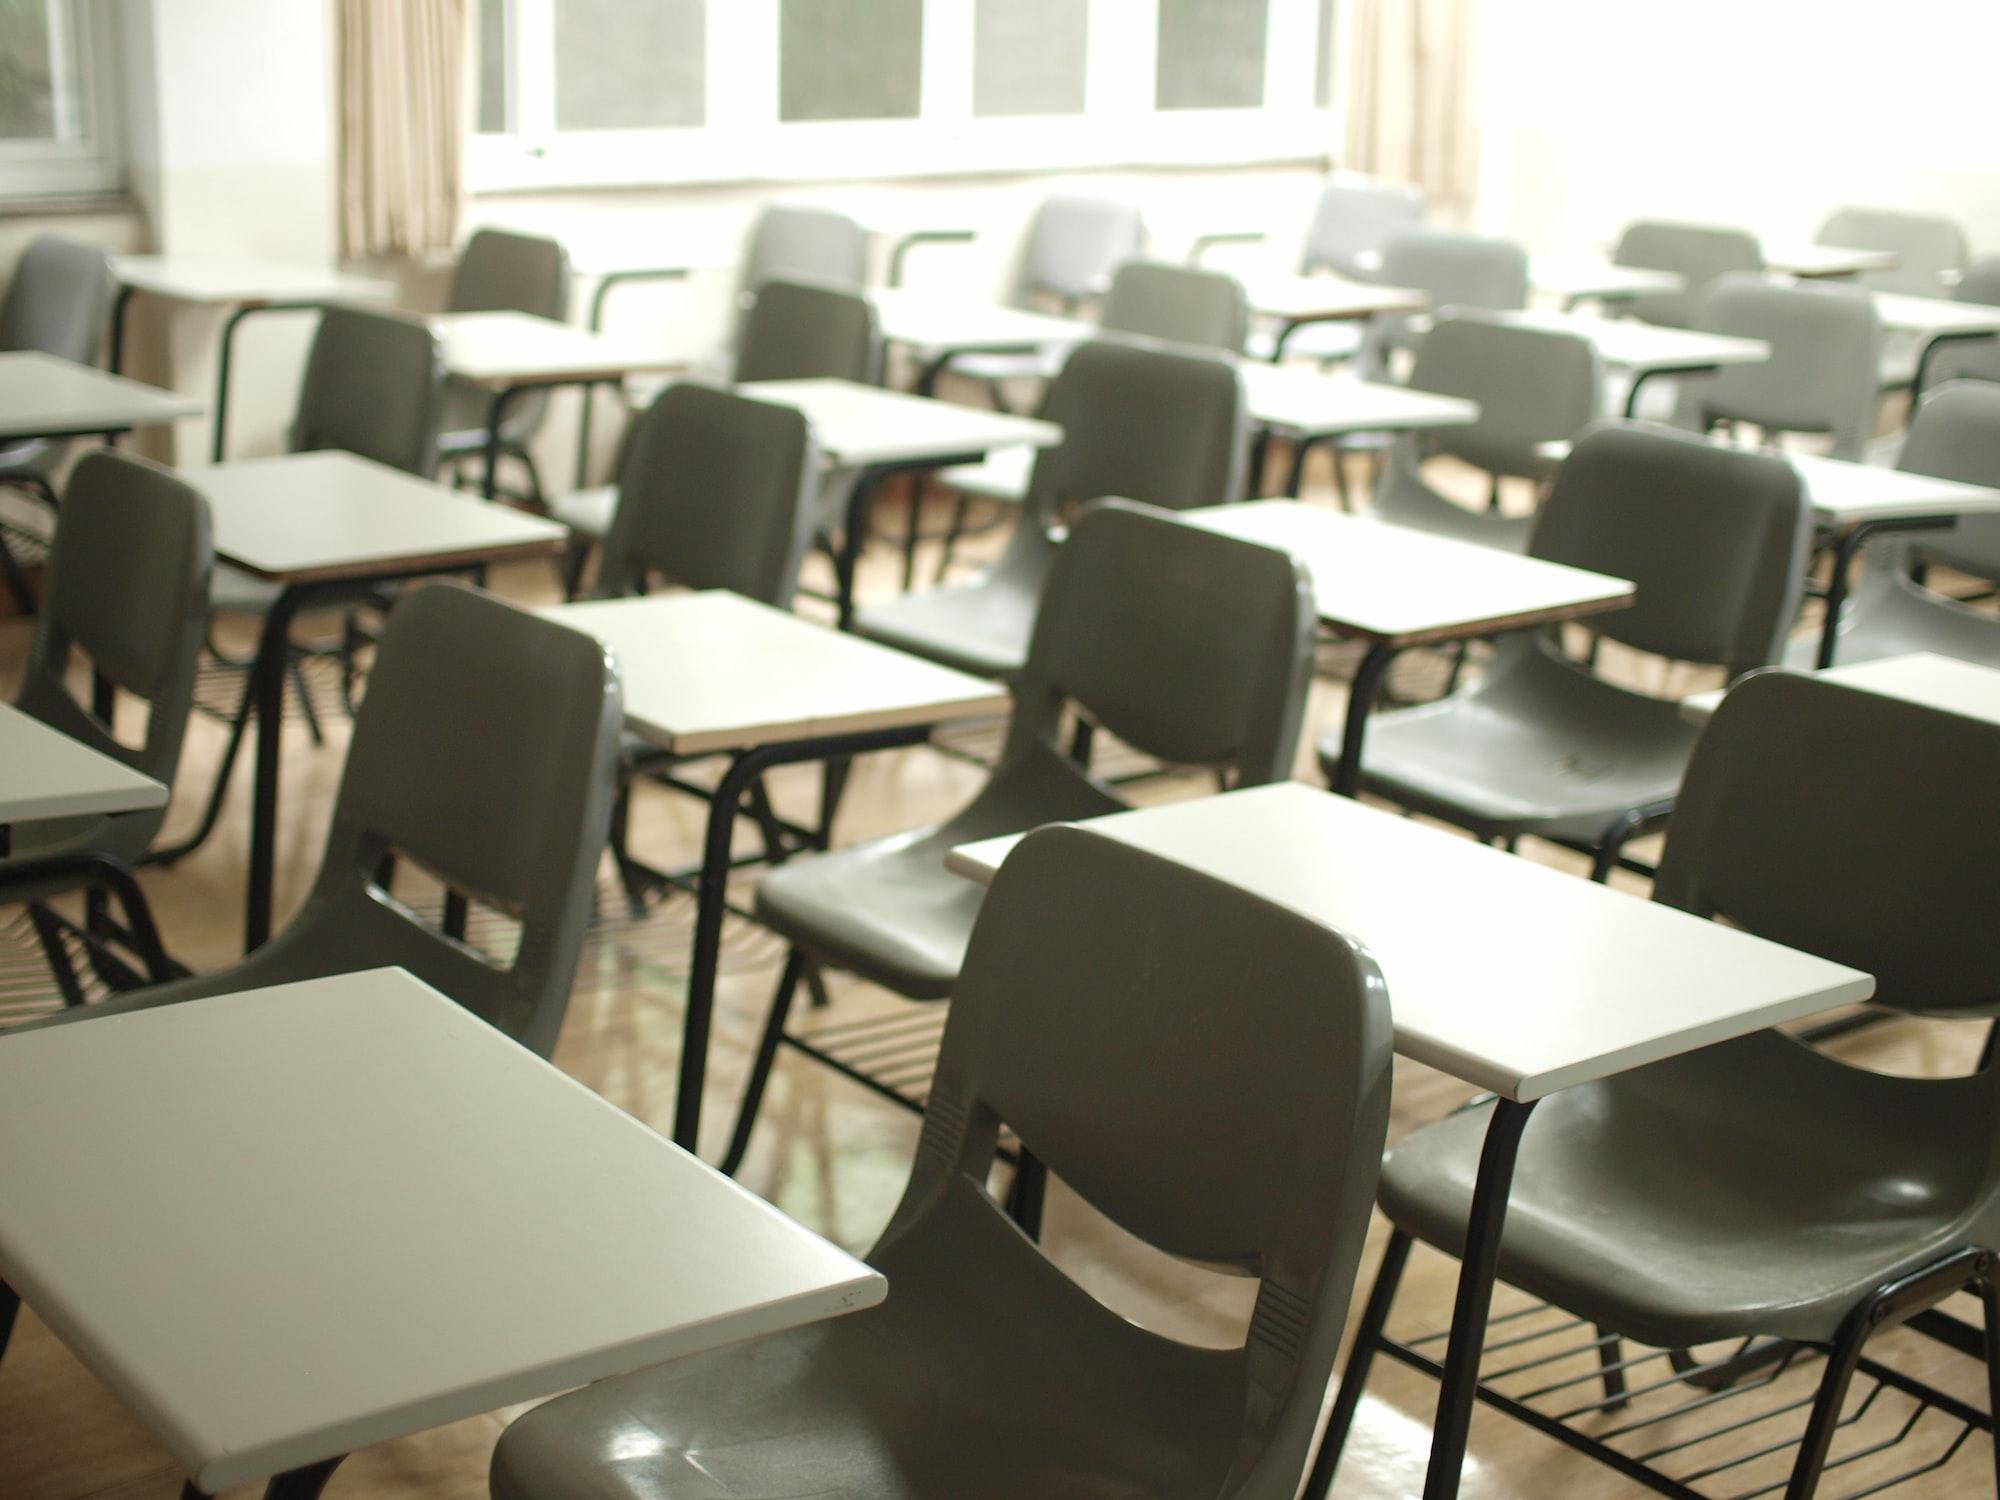 Tarnowscy uczniowie na kwarantannie. W szkole potwierdzono koronawirusa